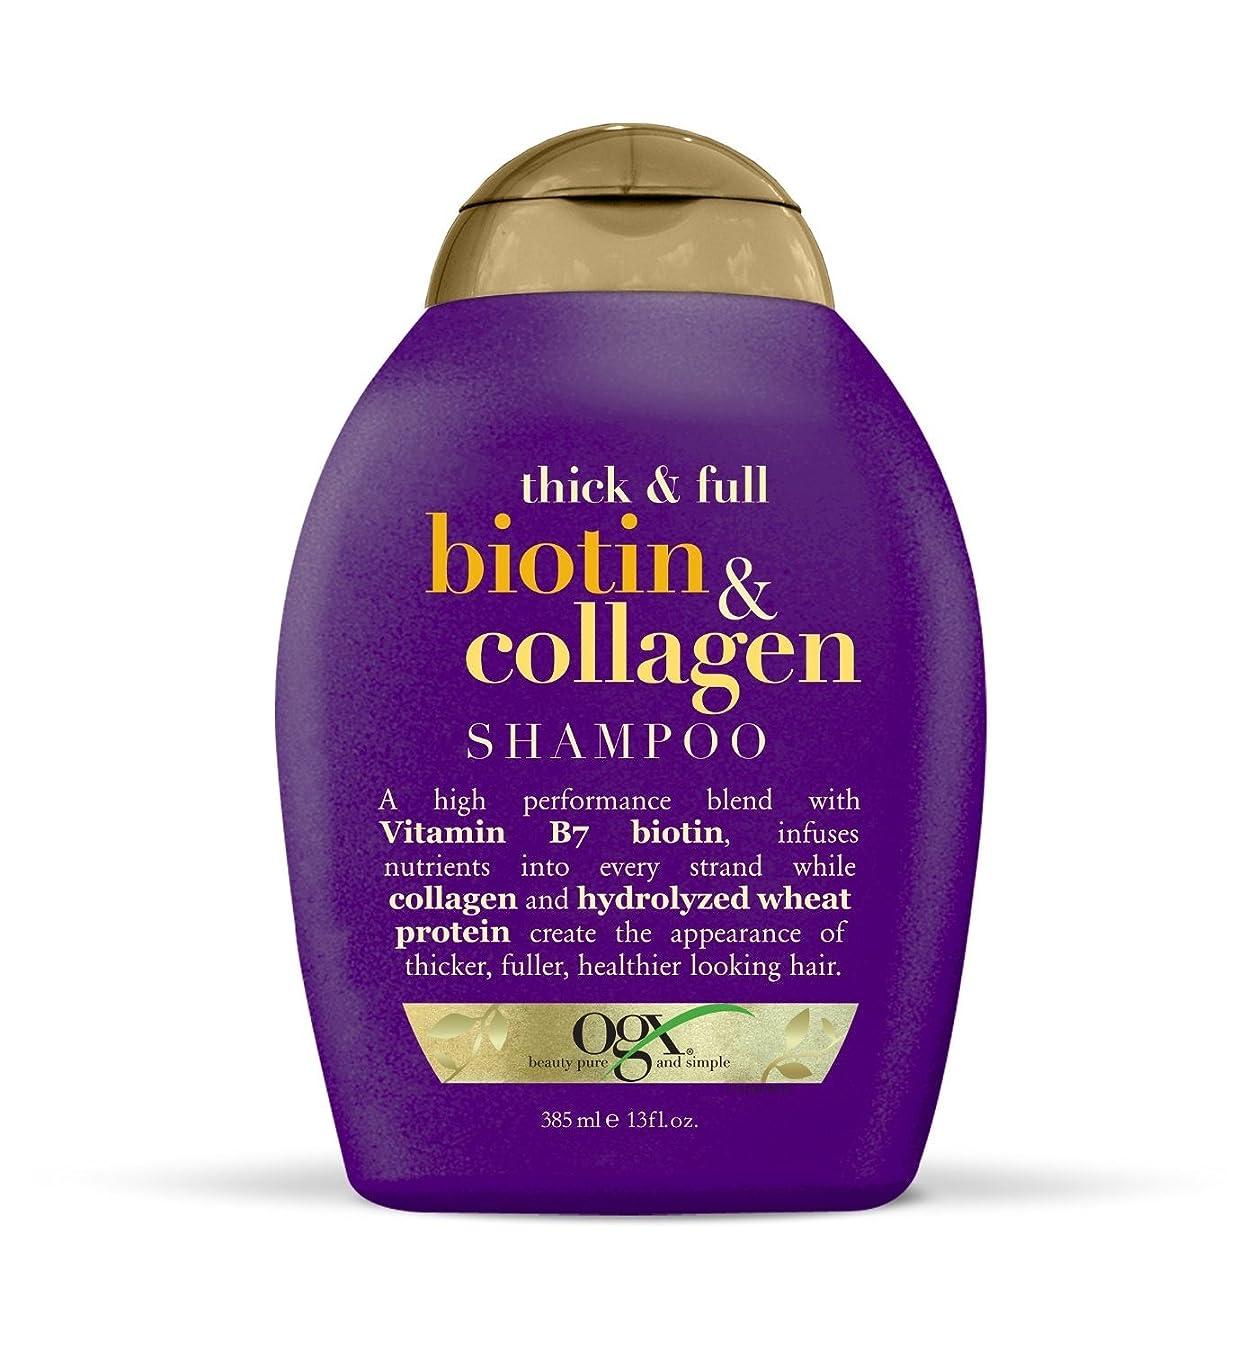 声を出してナイトスポット誓うOGX Thick & Full Biotin & Collagen Shampoo 380ml シック&フルビオチン&コラーゲンシャンプー [並行輸入品]